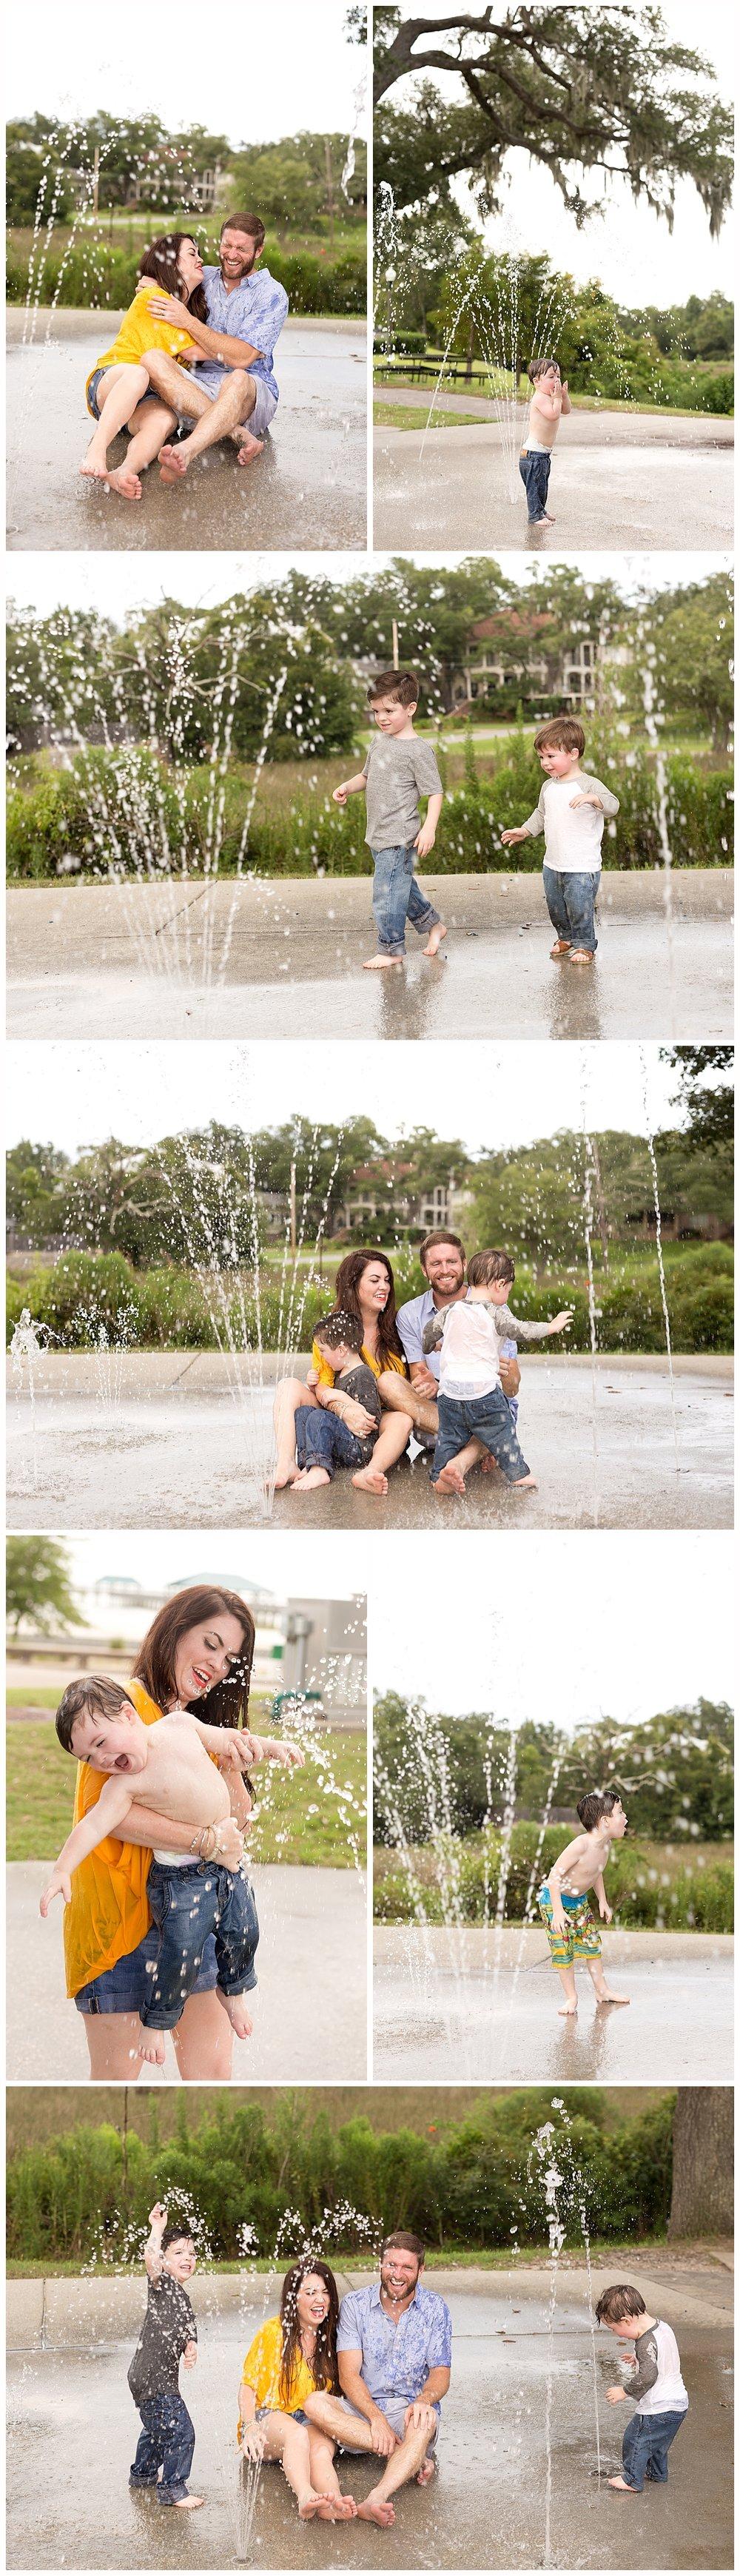 family having fun at the Fort Maurepas Splash Park - Ocean Springs, Mississippi family photographer